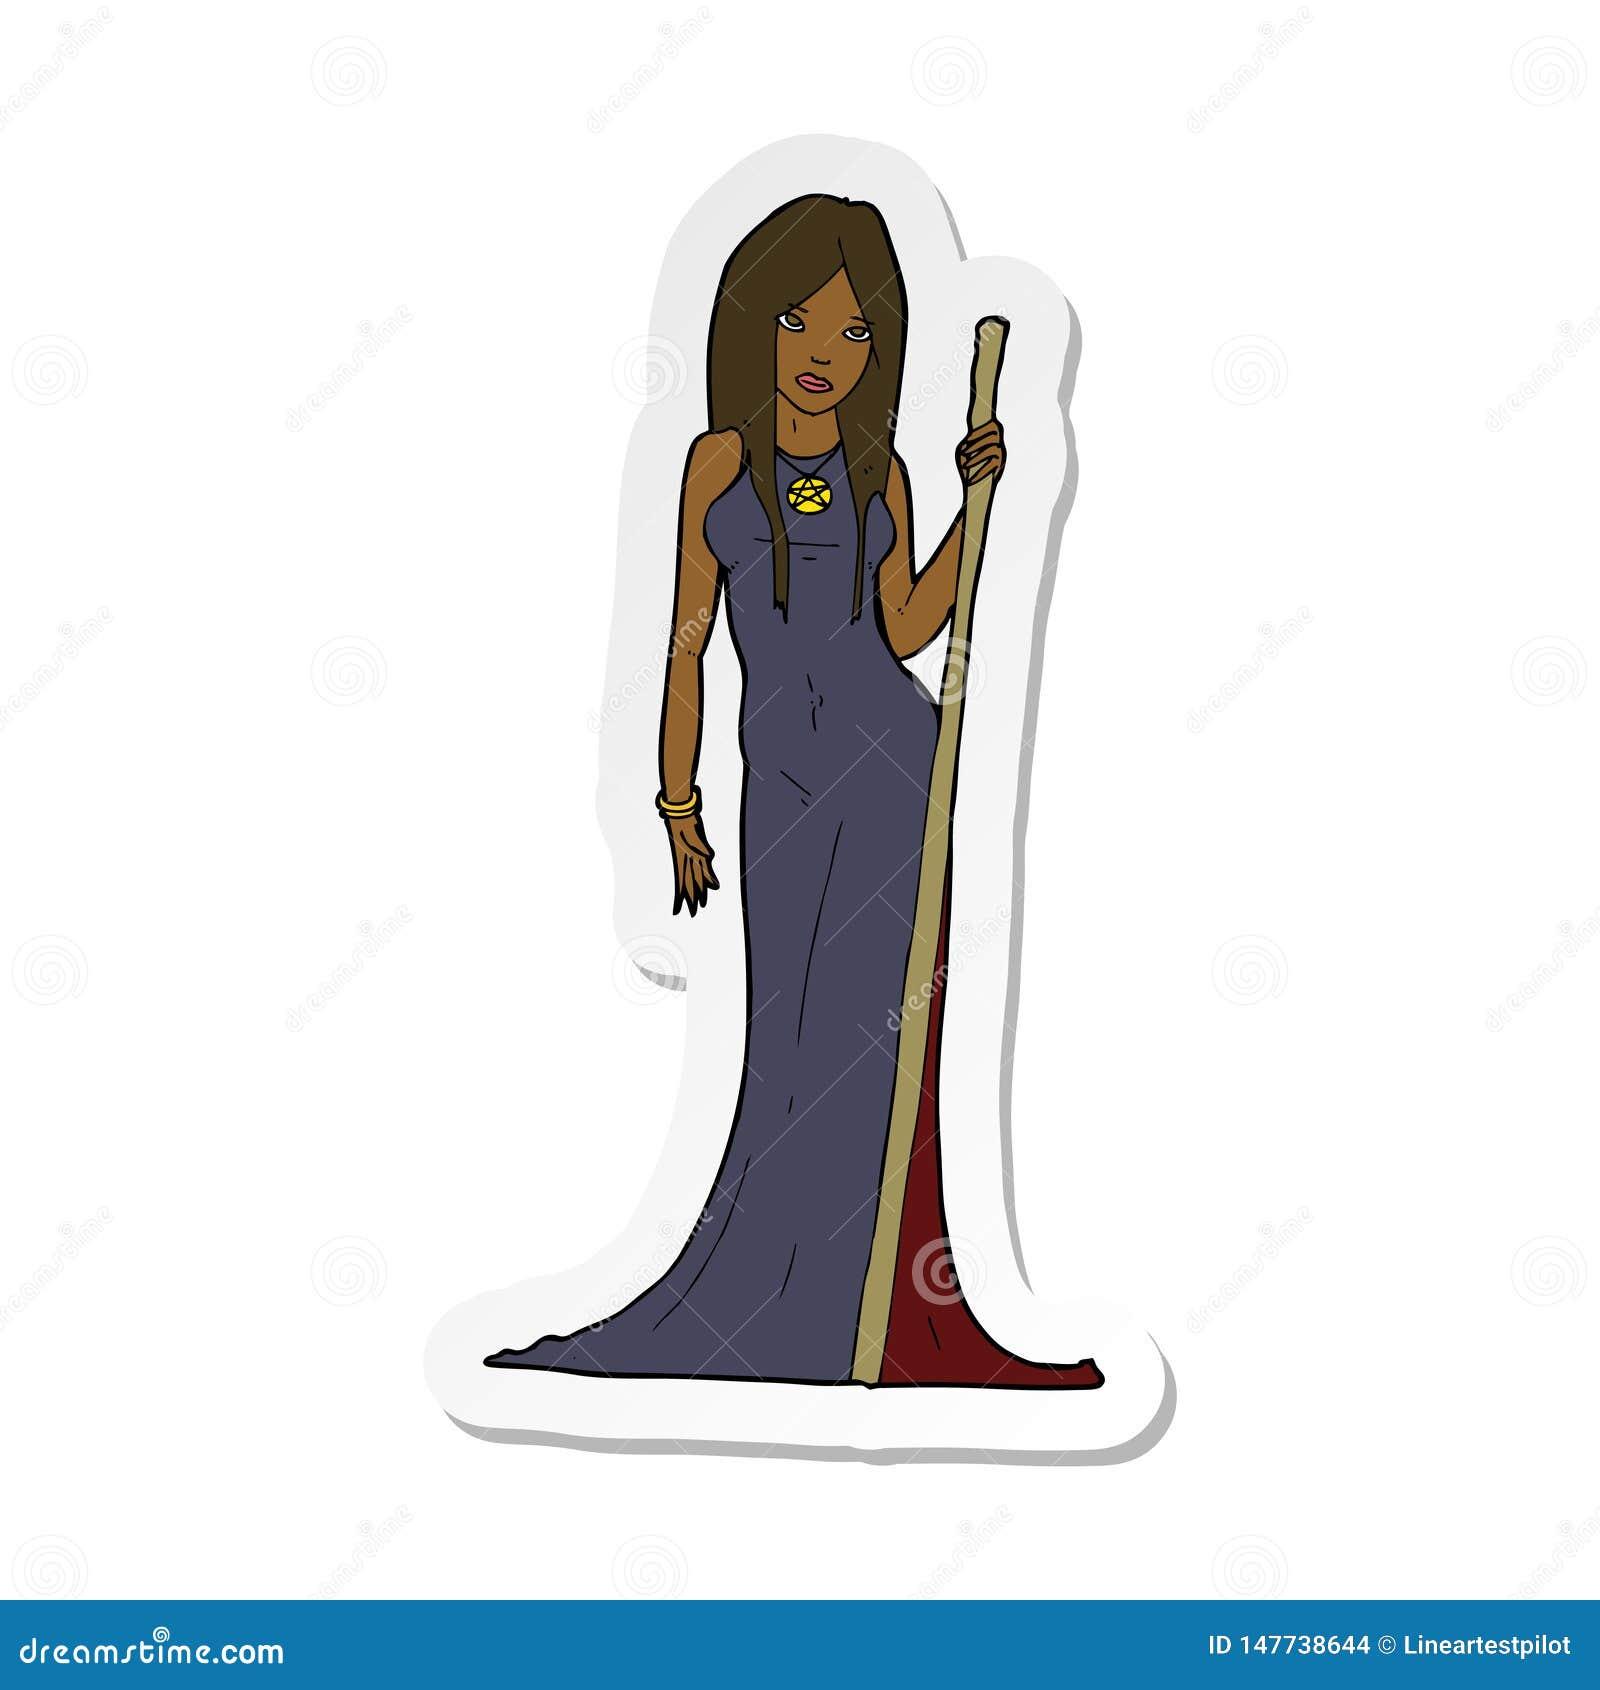 sticker of a cartoon sorceress